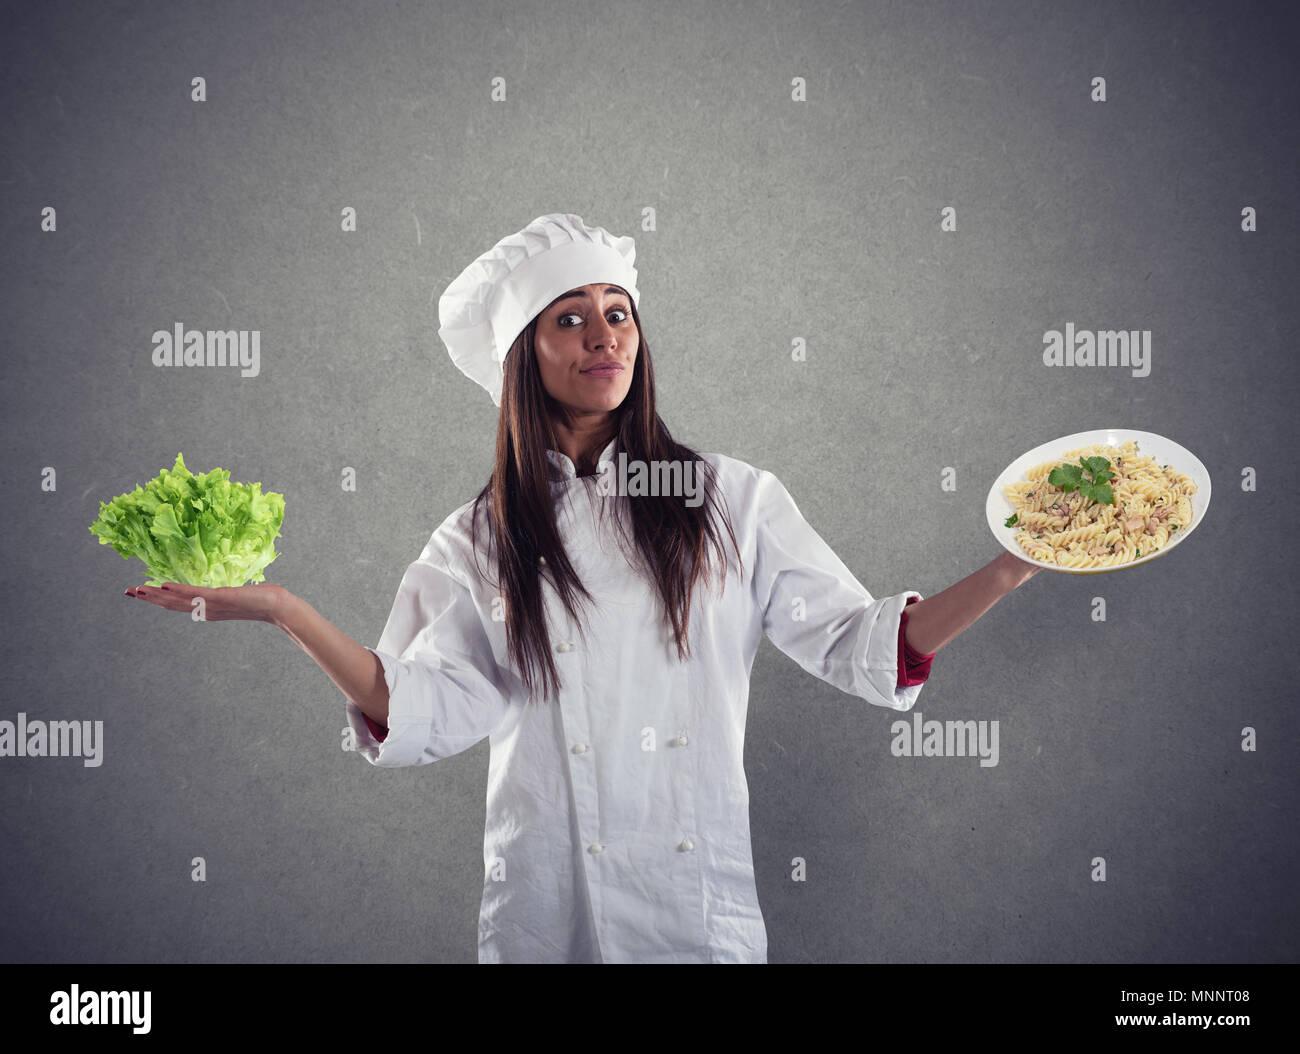 Chef indécis entre une salade fraîche ou un plat de pâtes Photo Stock